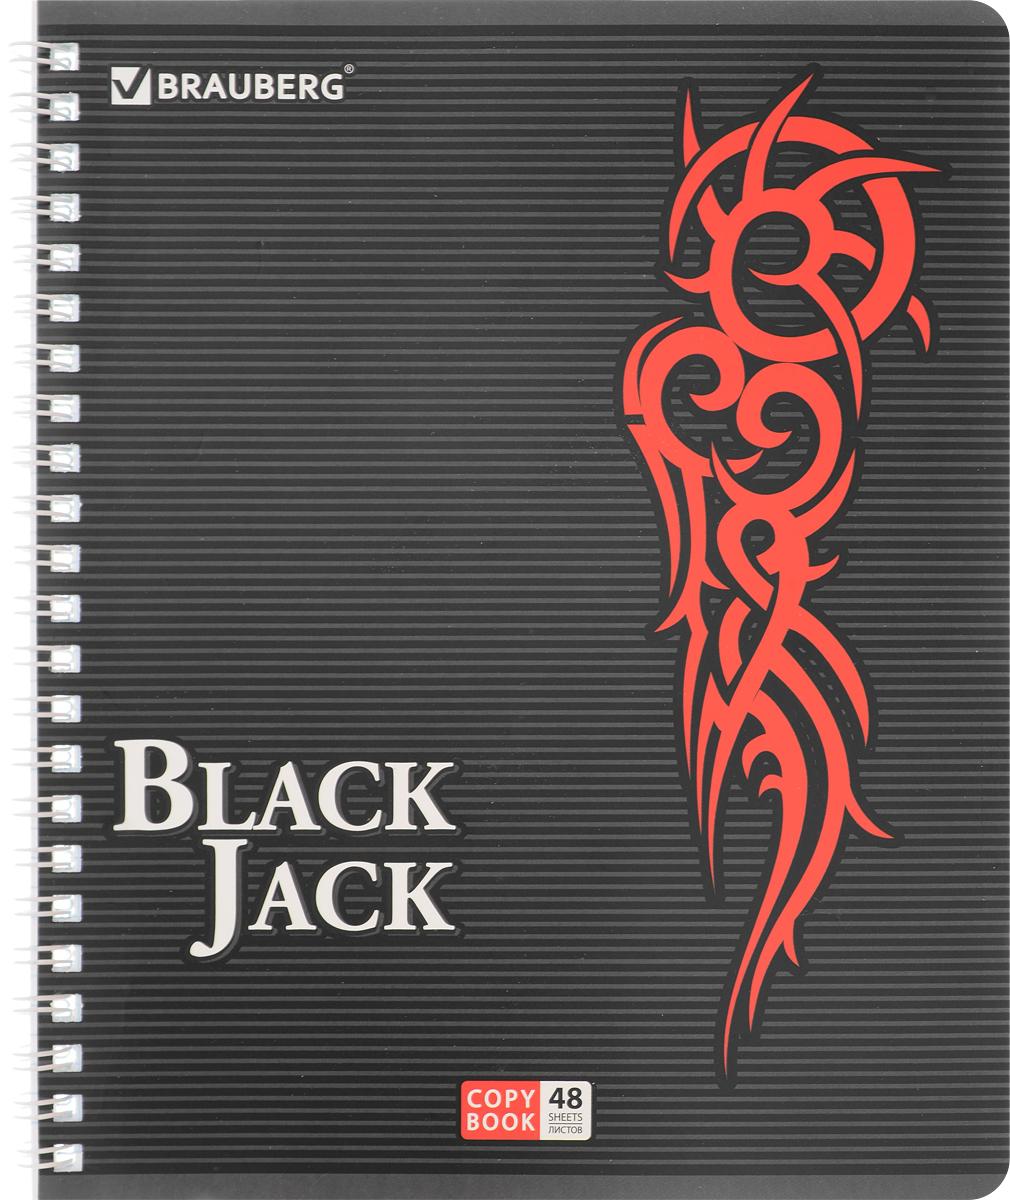 Brauberg Тетрадь BlackJack 48 листов в клетку цвет красный72523WDТетрадь Brauberg BlackJack на металлическом гребне пригодится как школьнику, так и студенту.Такое практичное и надежное крепление позволяет отрывать листы и полностью открывать тетрадь на столе. Обложка тетради Brauberg BlackJack серии PRO изготовлена из высококачественного импортного картона и дополнена спецэффектом в виде выборочного УФ-лака. Внутренний блок выполнен из высококачественного офсета в стандартную клетку без полей. Тетрадь содержит 48 листов. Страницы тетради дополнены микроперфорацией для удобного отрыва листов.